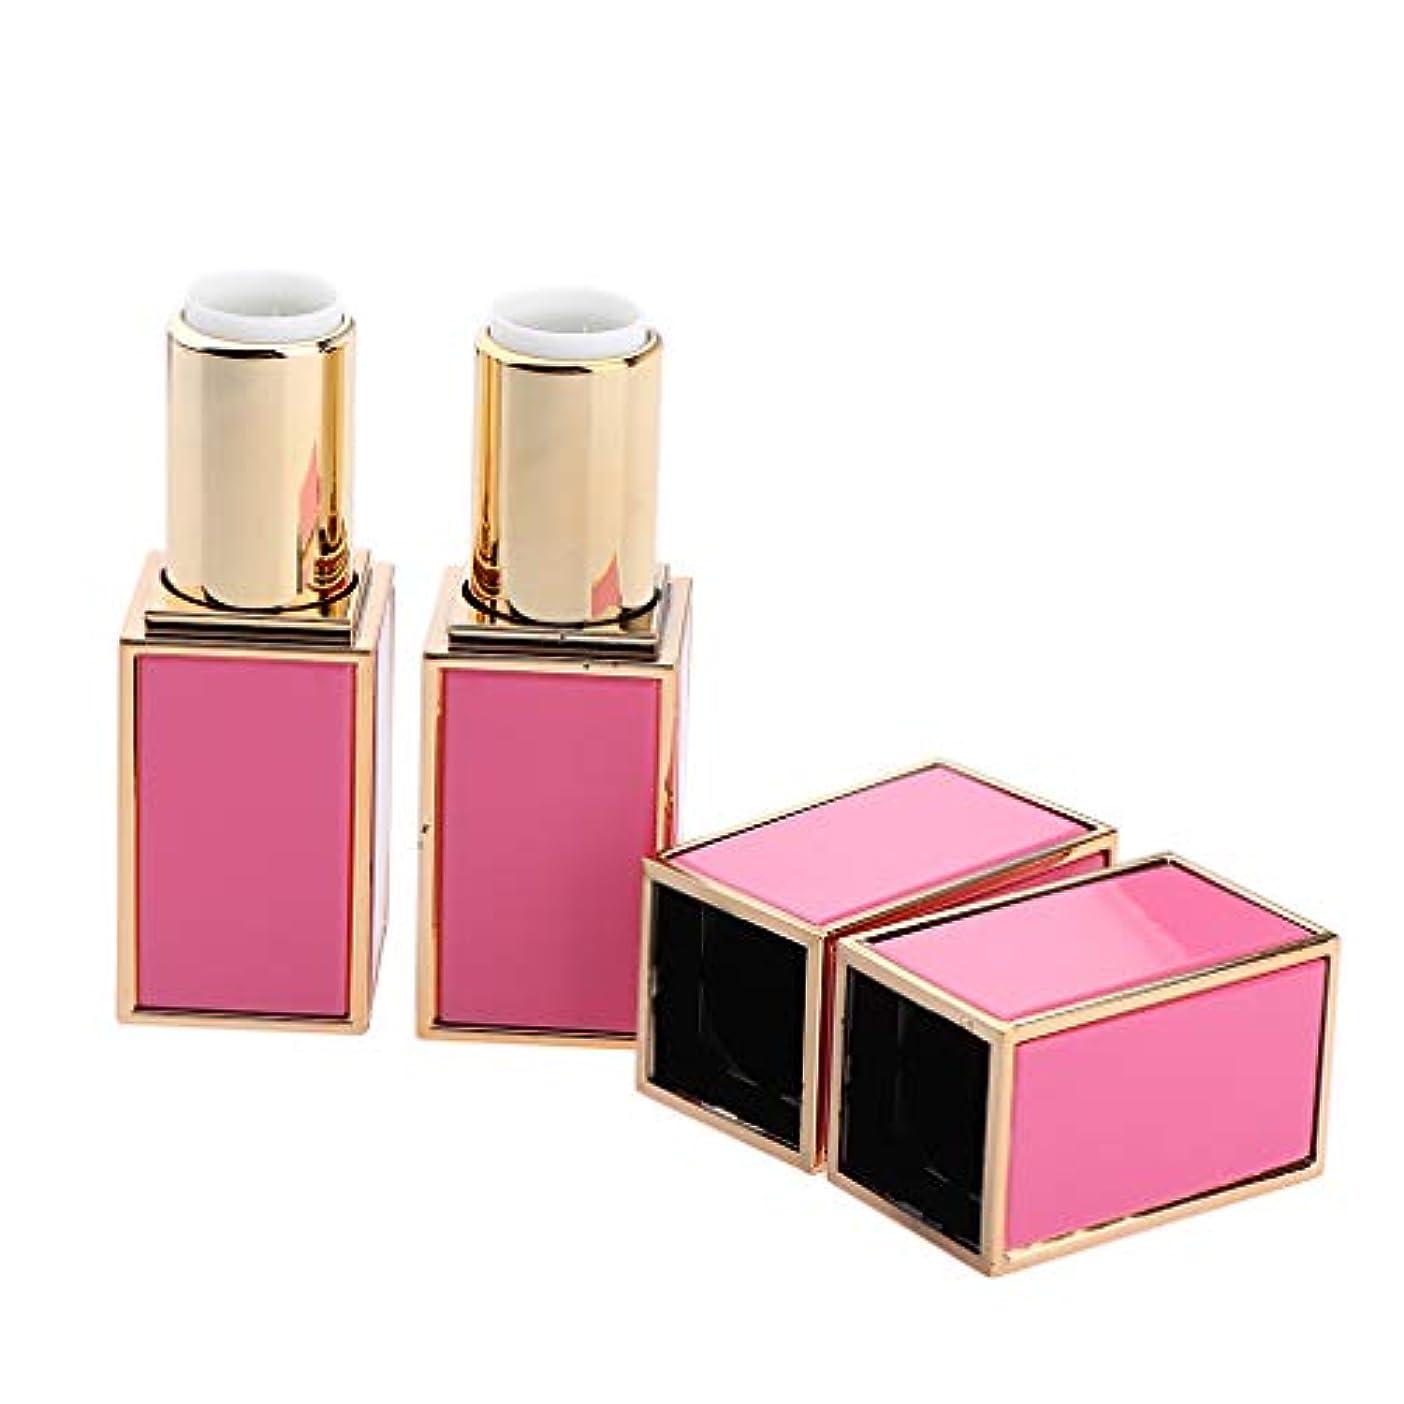 プラットフォーム第二に資格情報ポータブル 空 エンドグレードグレード 口紅チューブ 固体香水 詰め替え式 2色選べ - ピンク